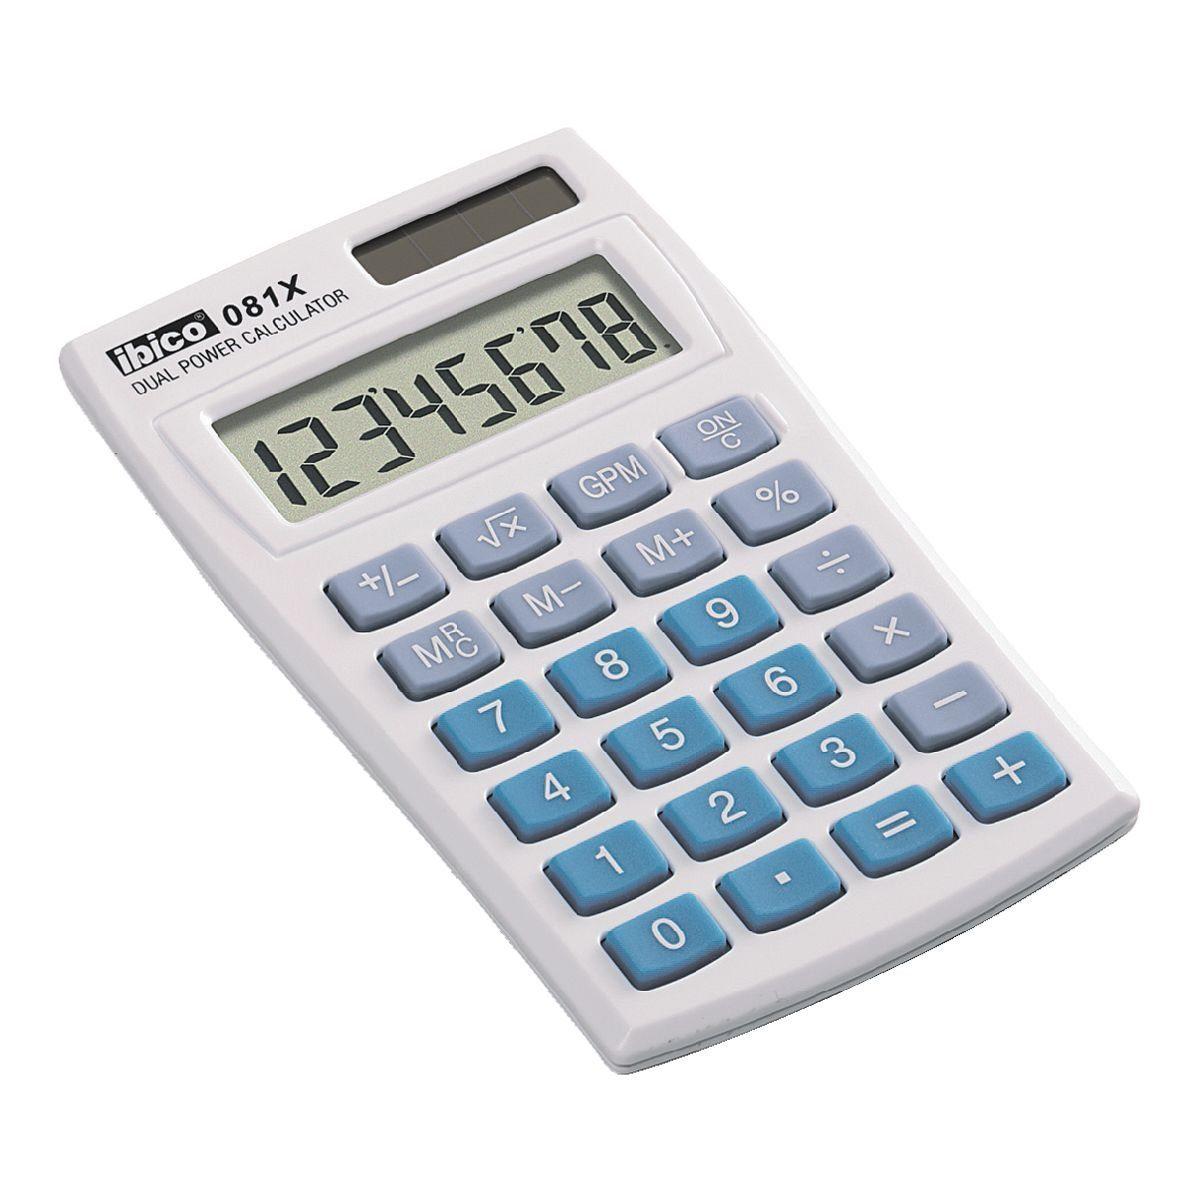 Ibico Taschenrechner »081X«